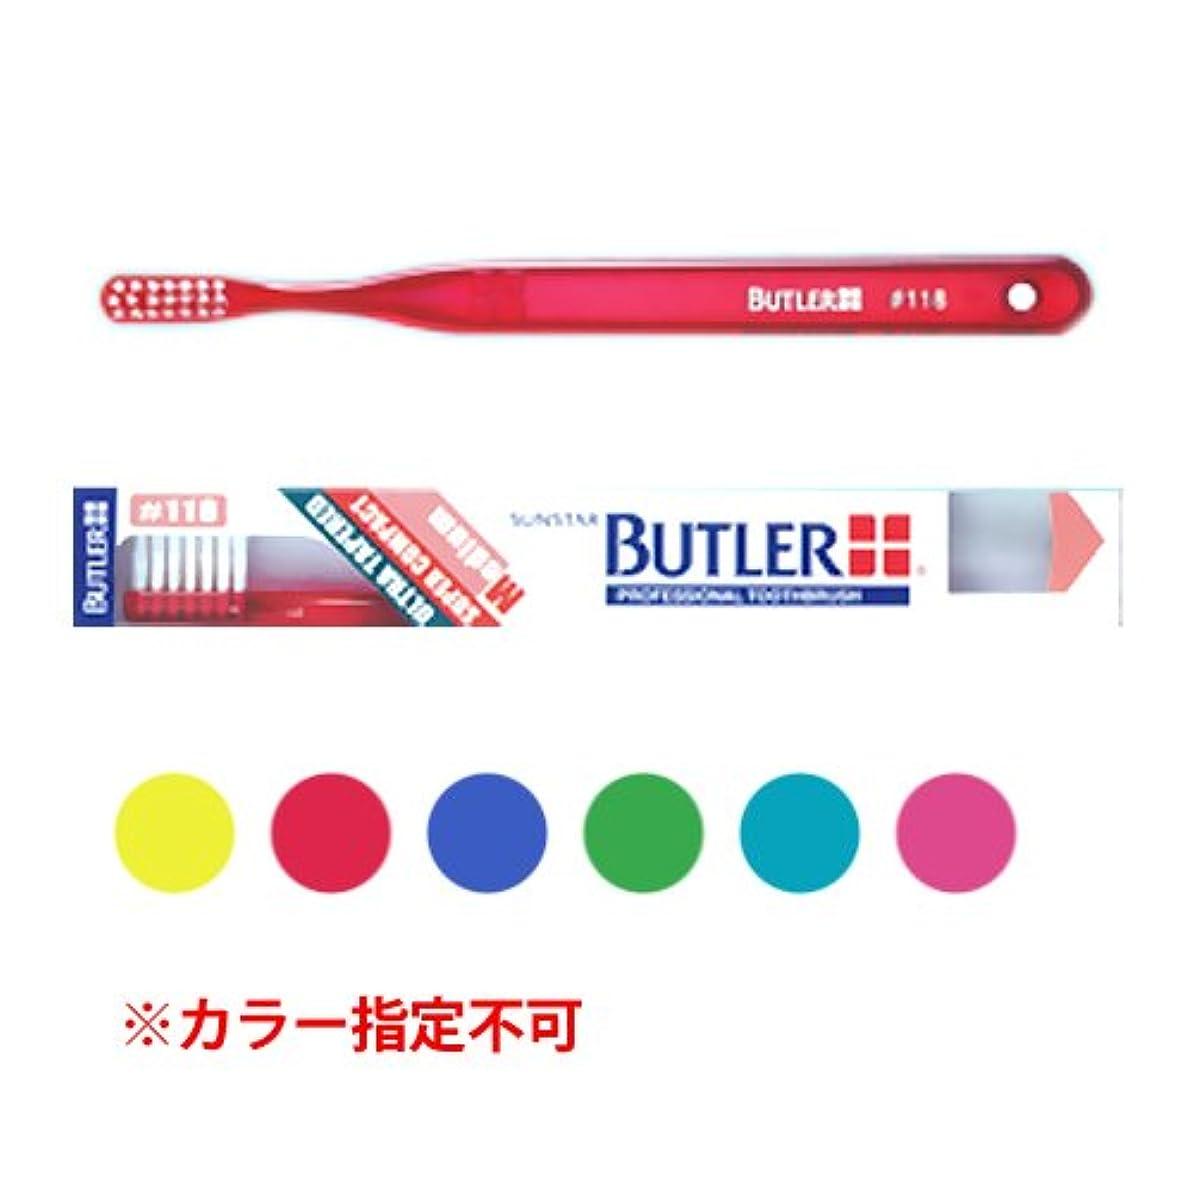 インターネット菊登るバトラー 歯ブラシ 1本 #118